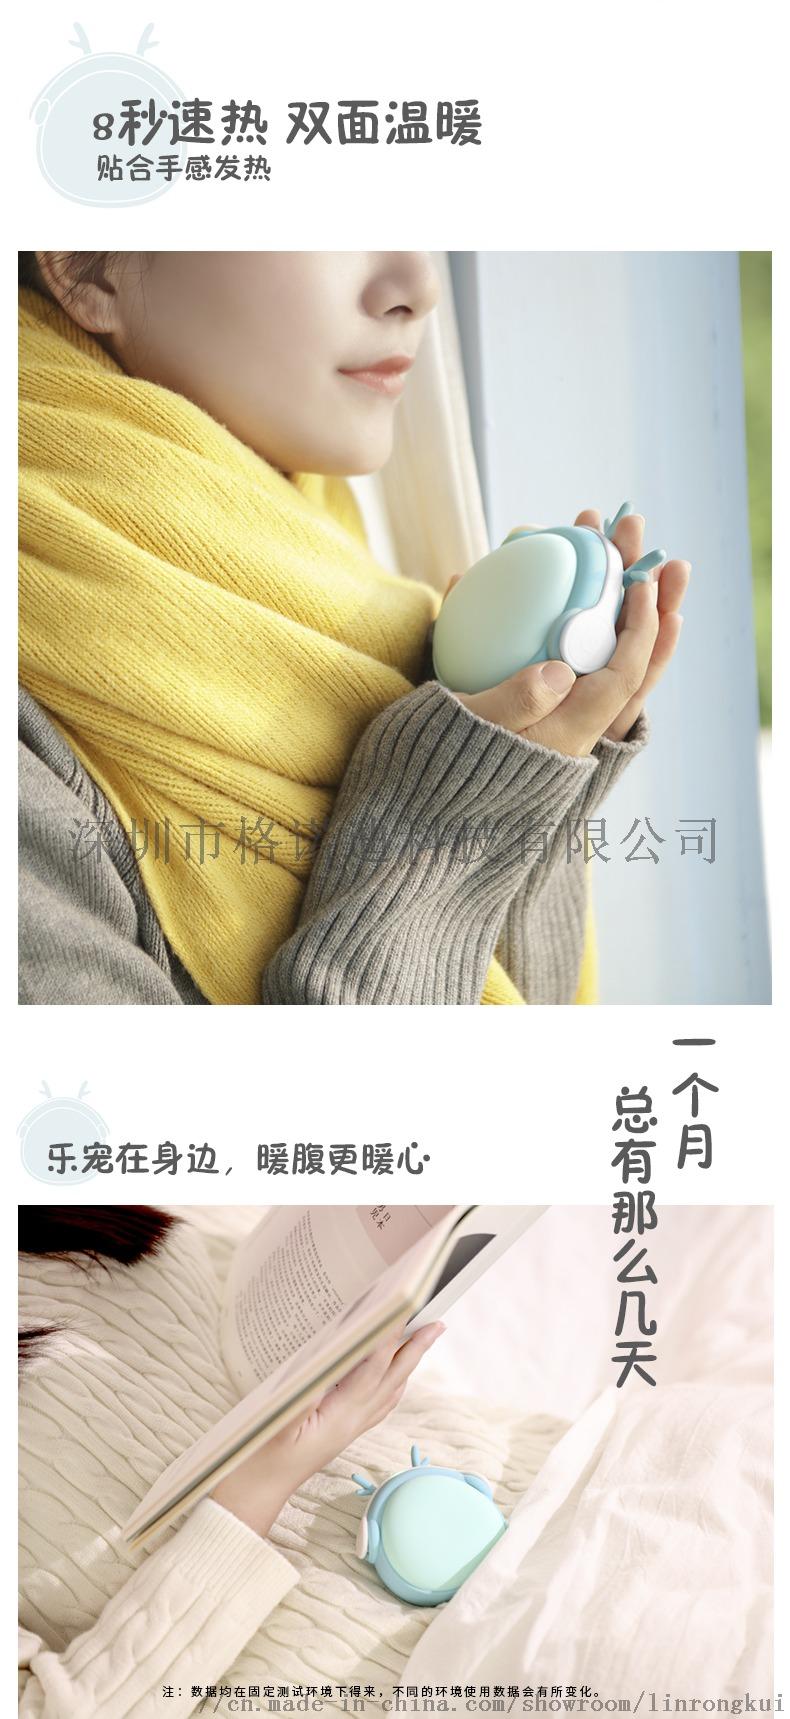 乐宠暖手宝详情页-_04.jpg